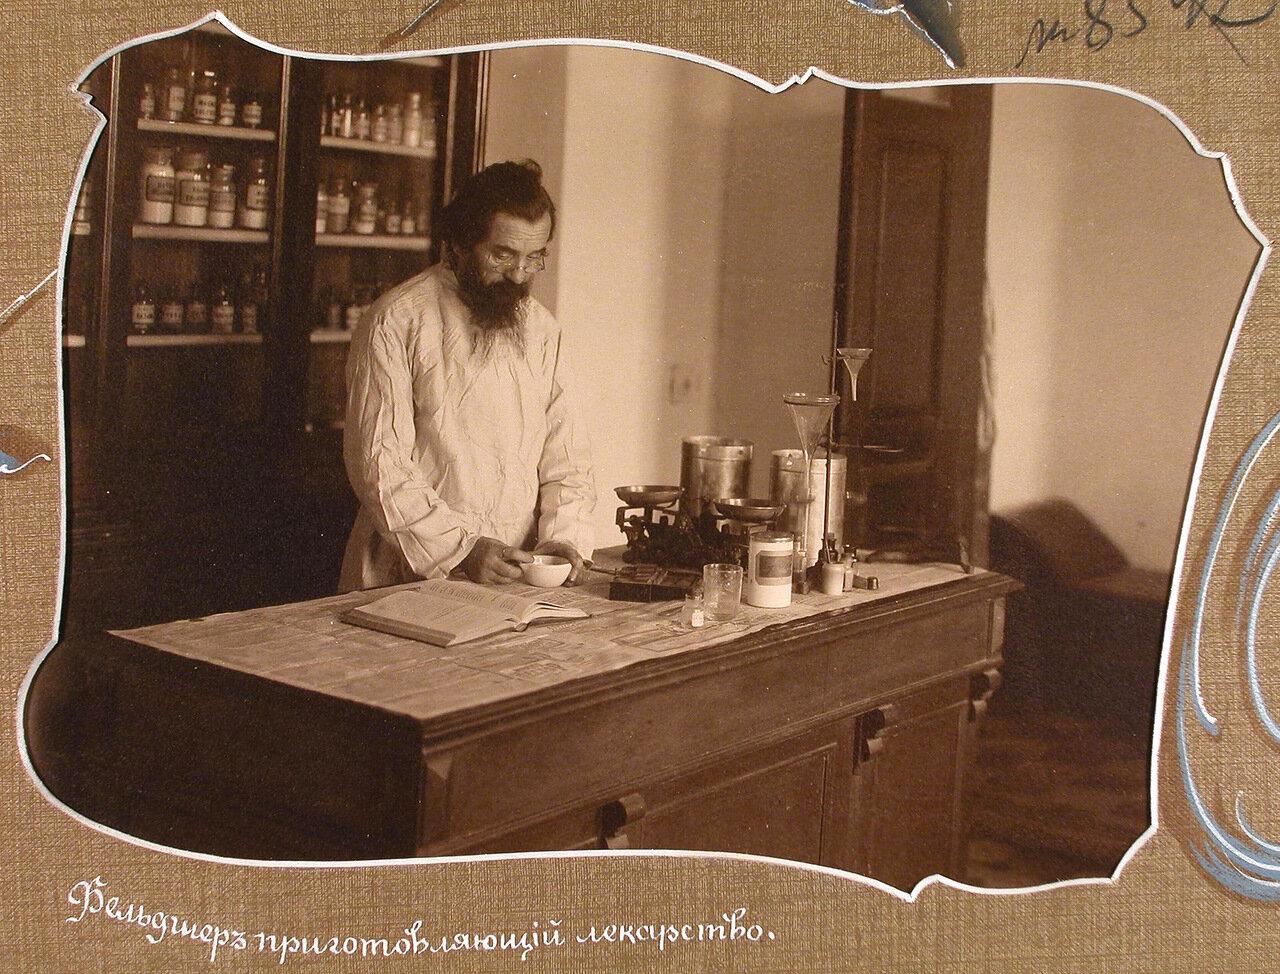 Фельдшер за приготовлением лекарств в помещении больничной аптеки